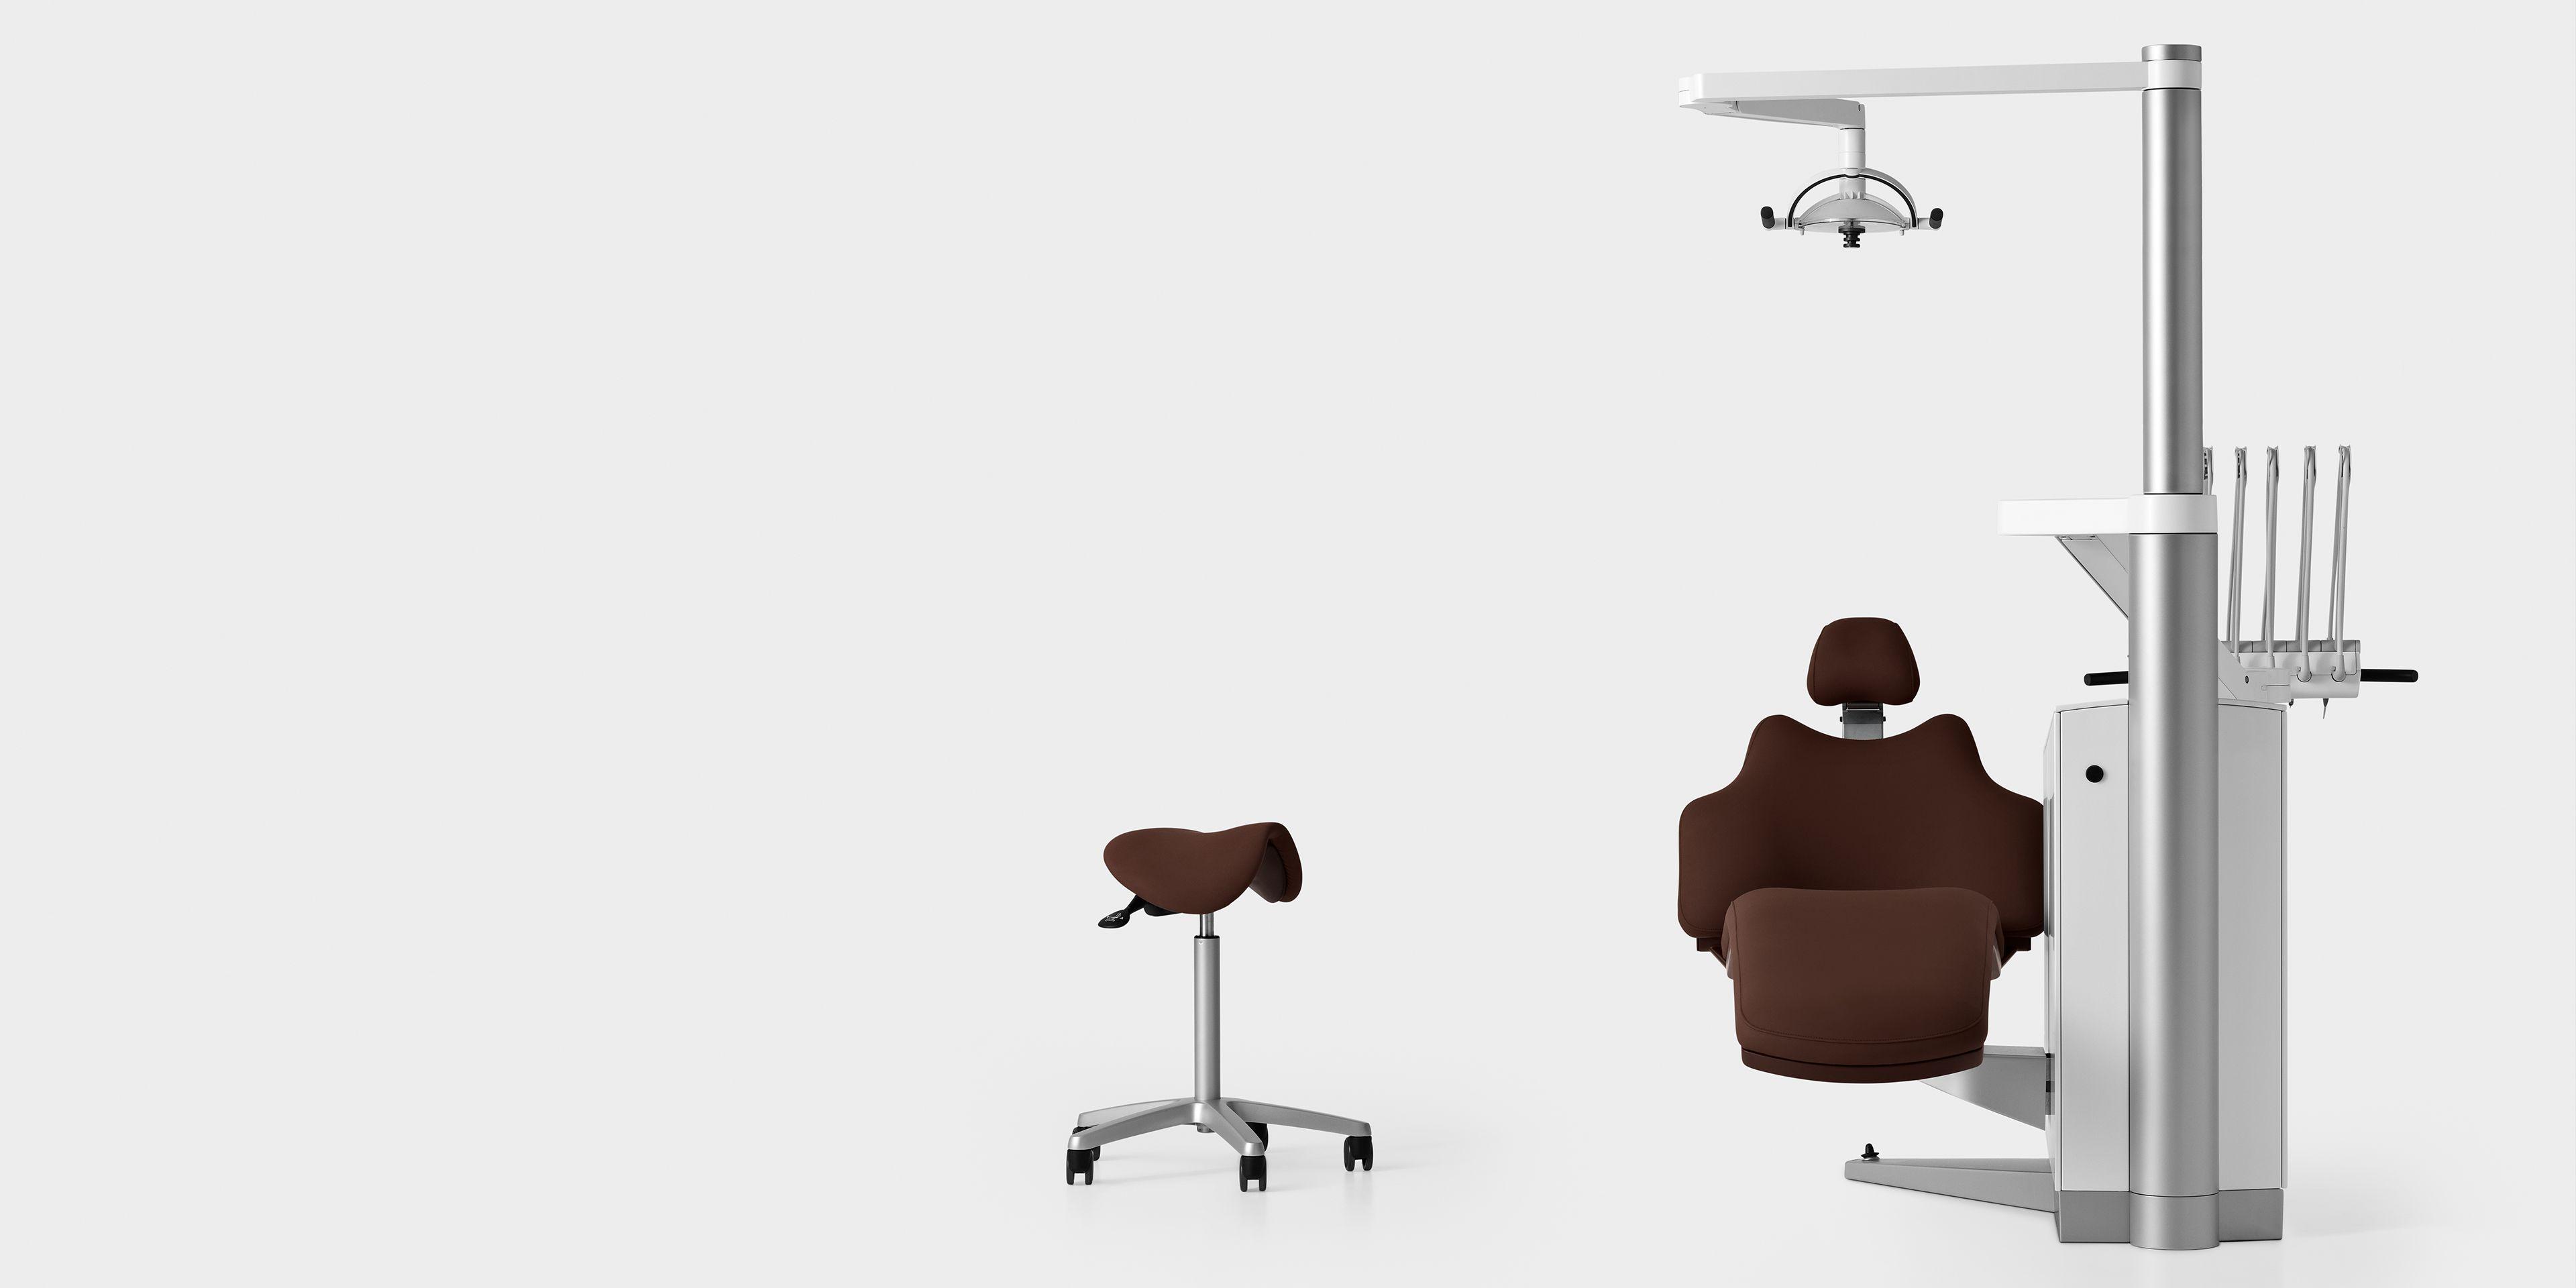 XO FLEX brown dental chair and seat Adirondack chair